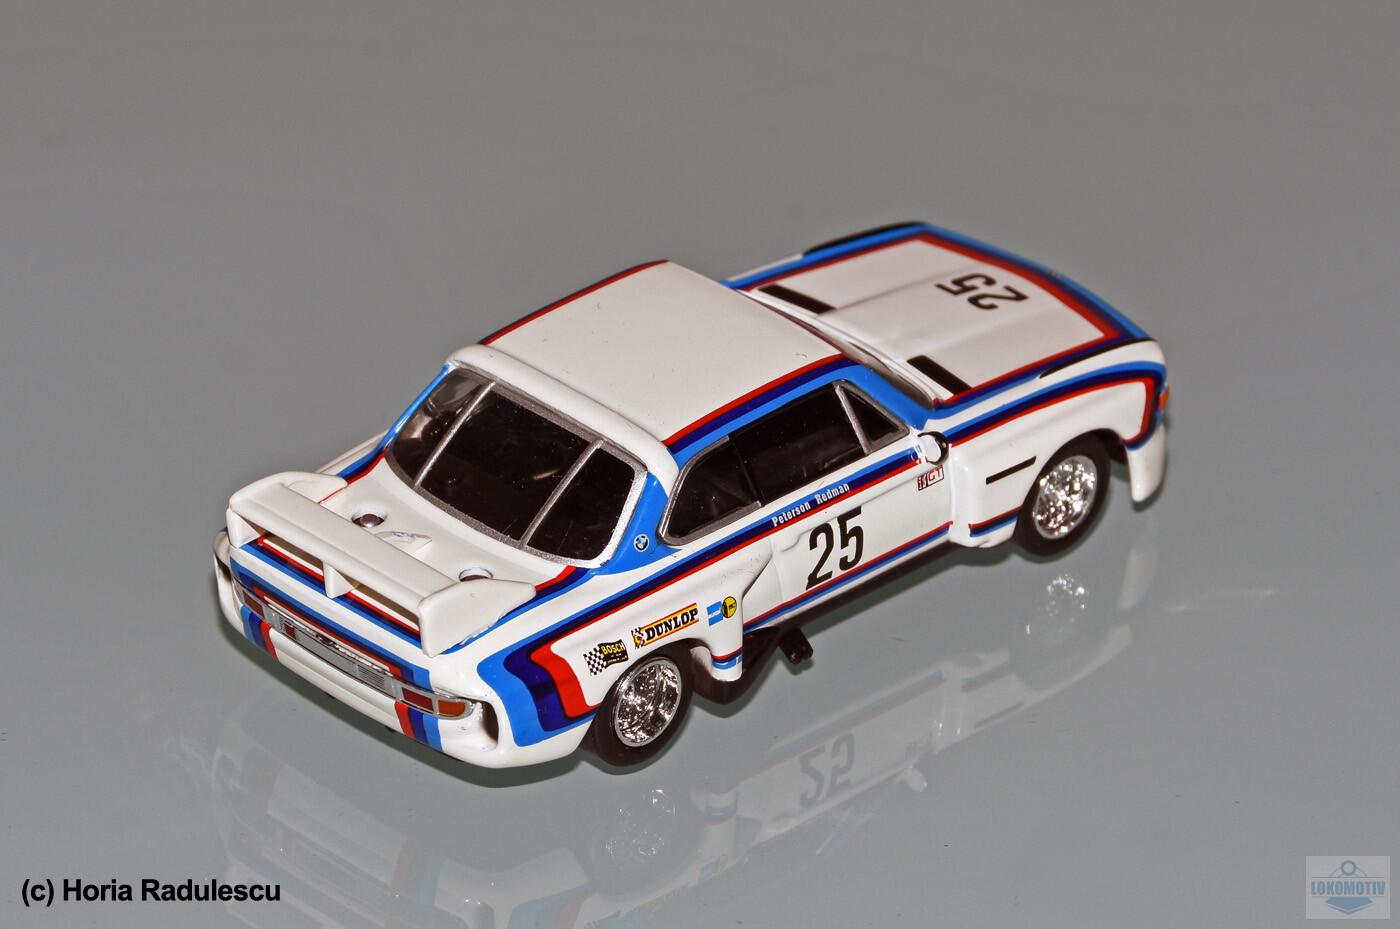 64-BMW-3.5-CSL-25-Peterson-Redman-268cba9db314033f6.jpg